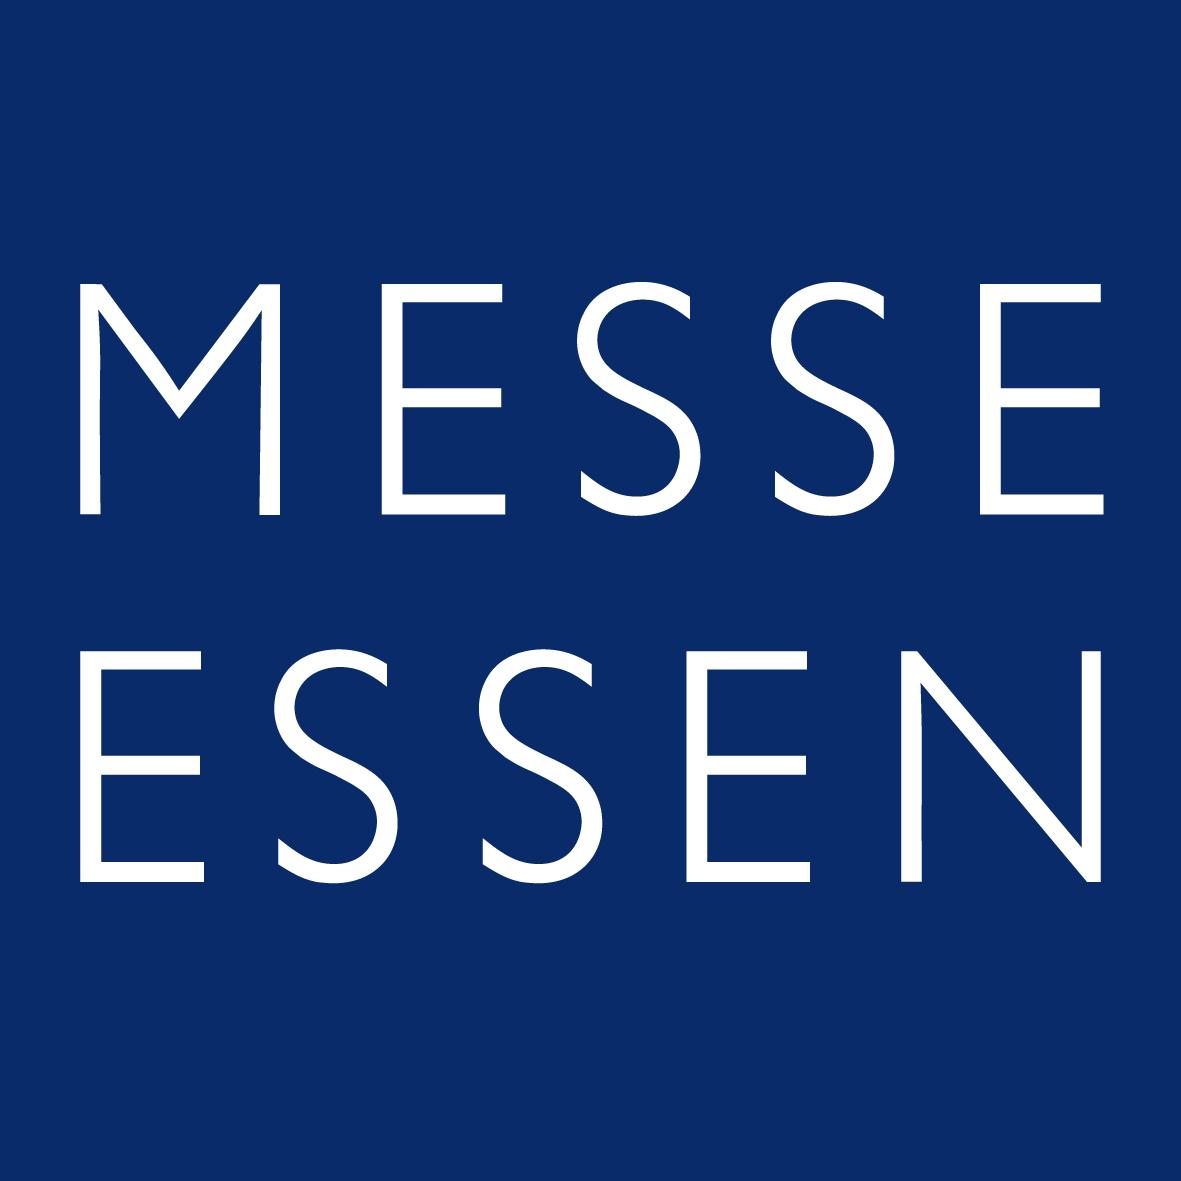 Logo_MEsse_essen